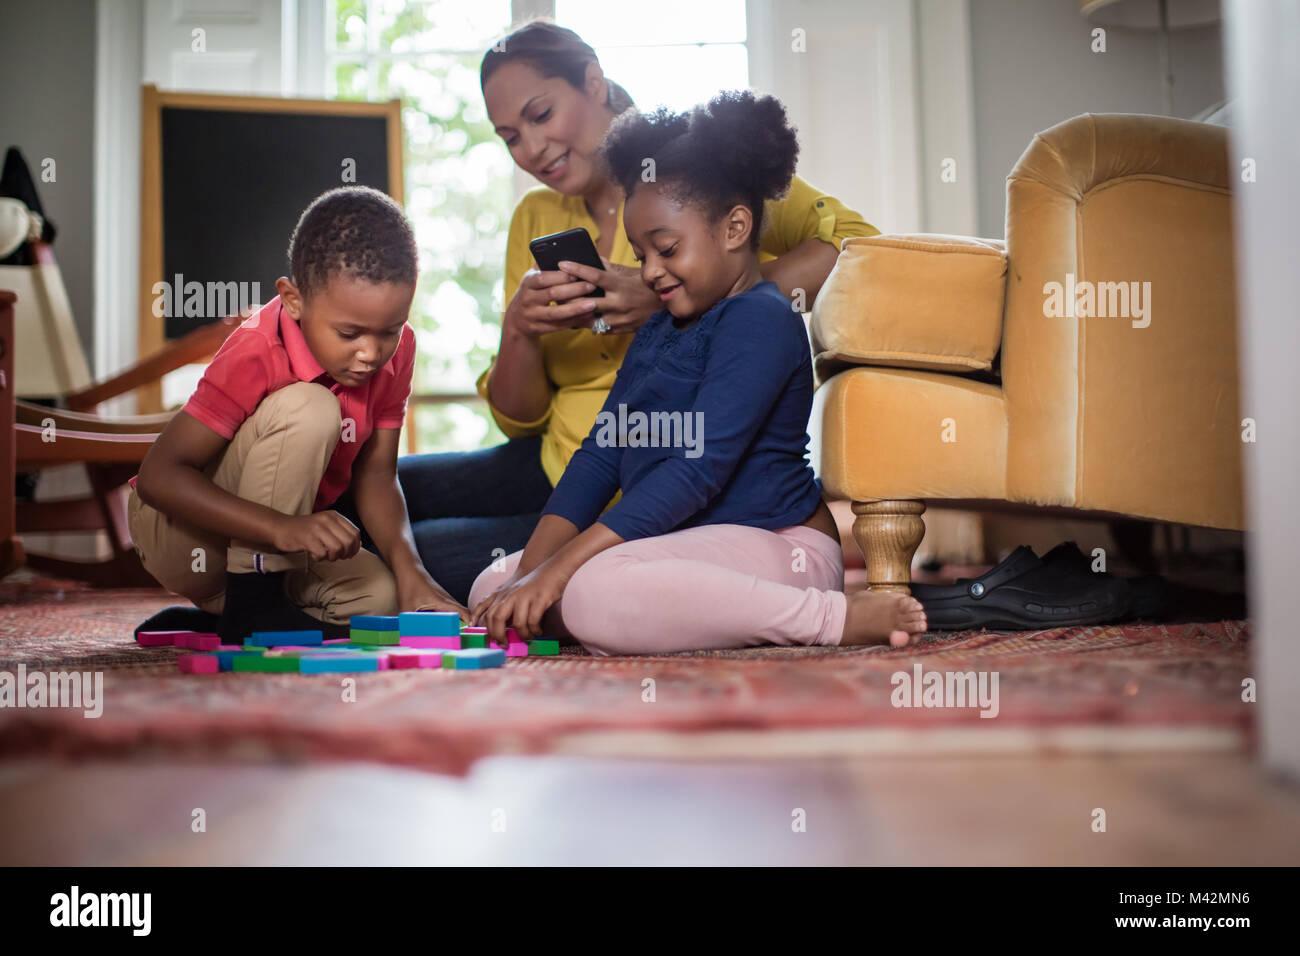 Mum using smartphone whilst children play - Stock Image